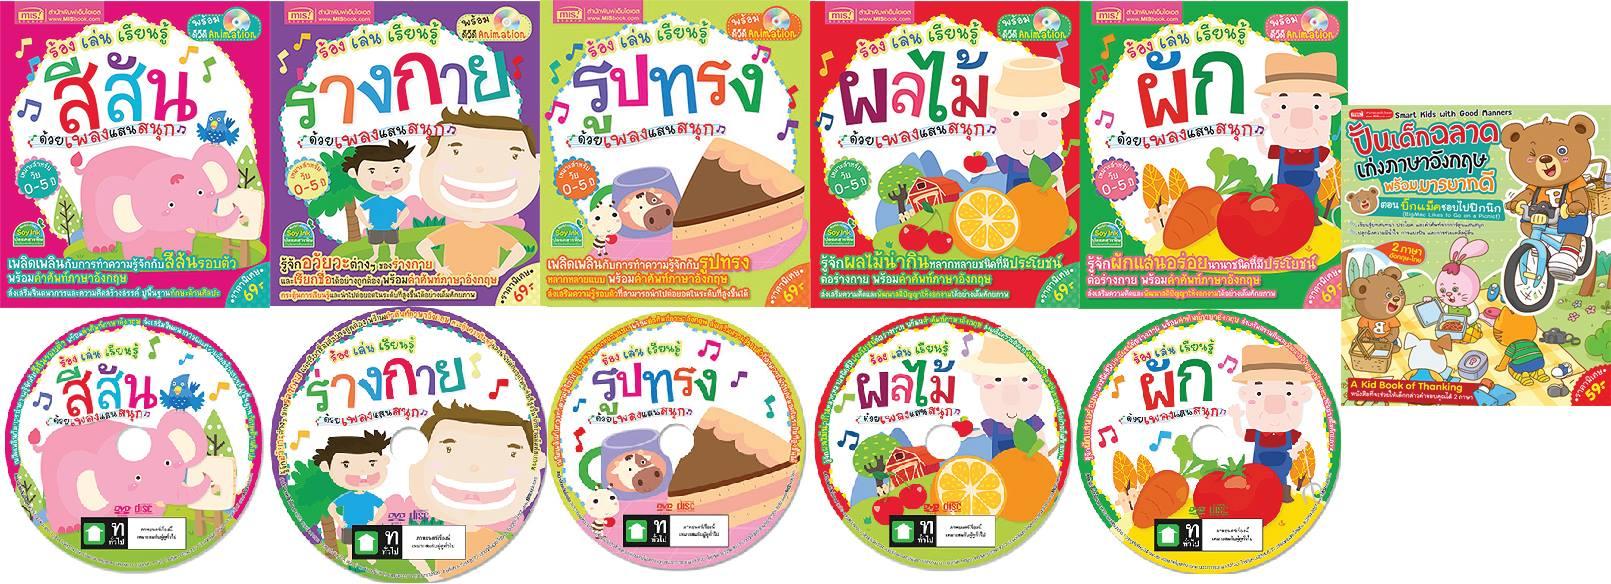 ร้อง เล่น เรียนรู้ สีสัน ด้วยเพลงแสนสนุก 5 เล่ม พร้อม CD